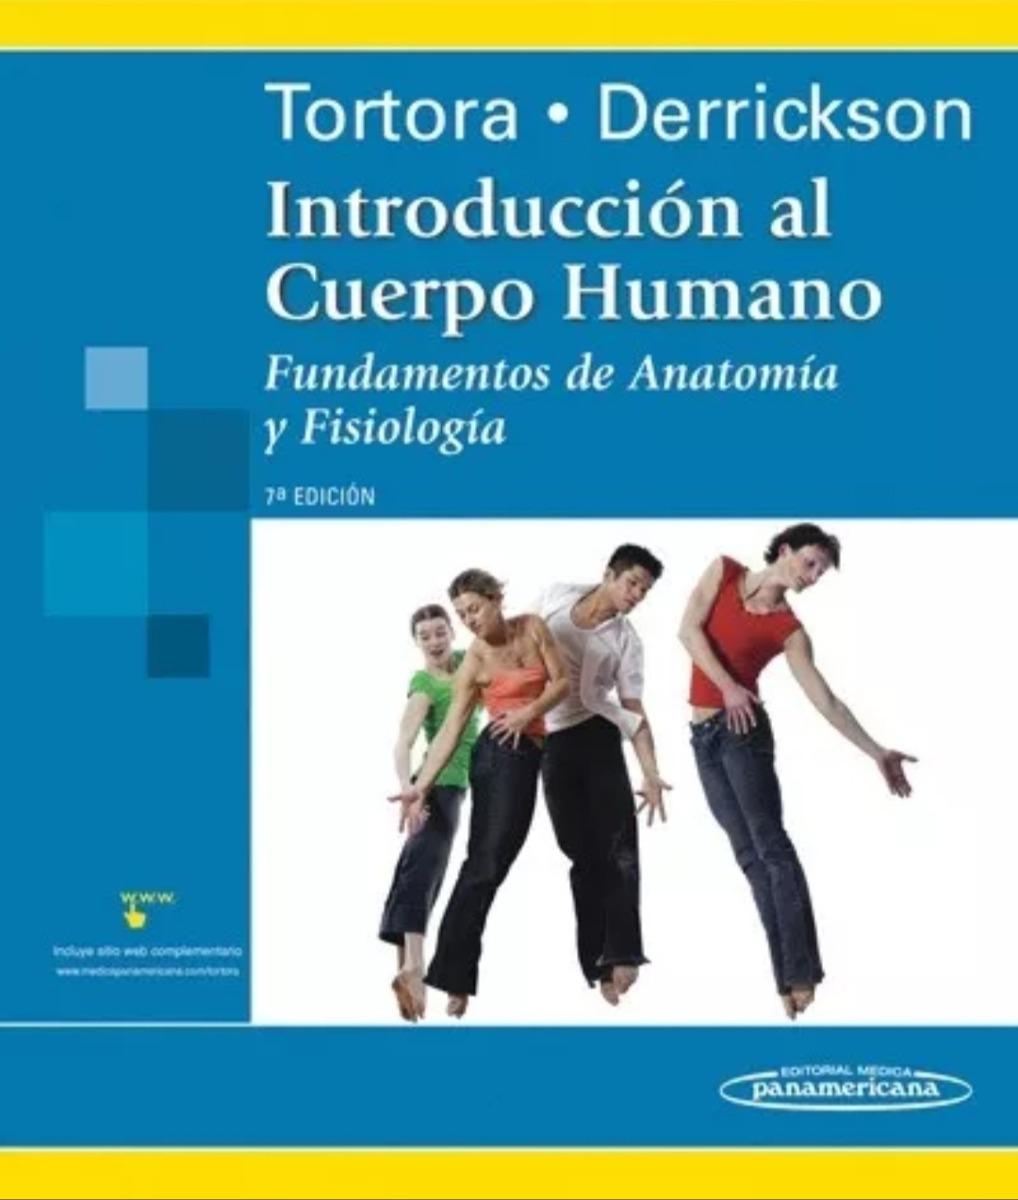 Fundamentos De Anatomia Y Fisiologia - $ 700,00 en Mercado Libre